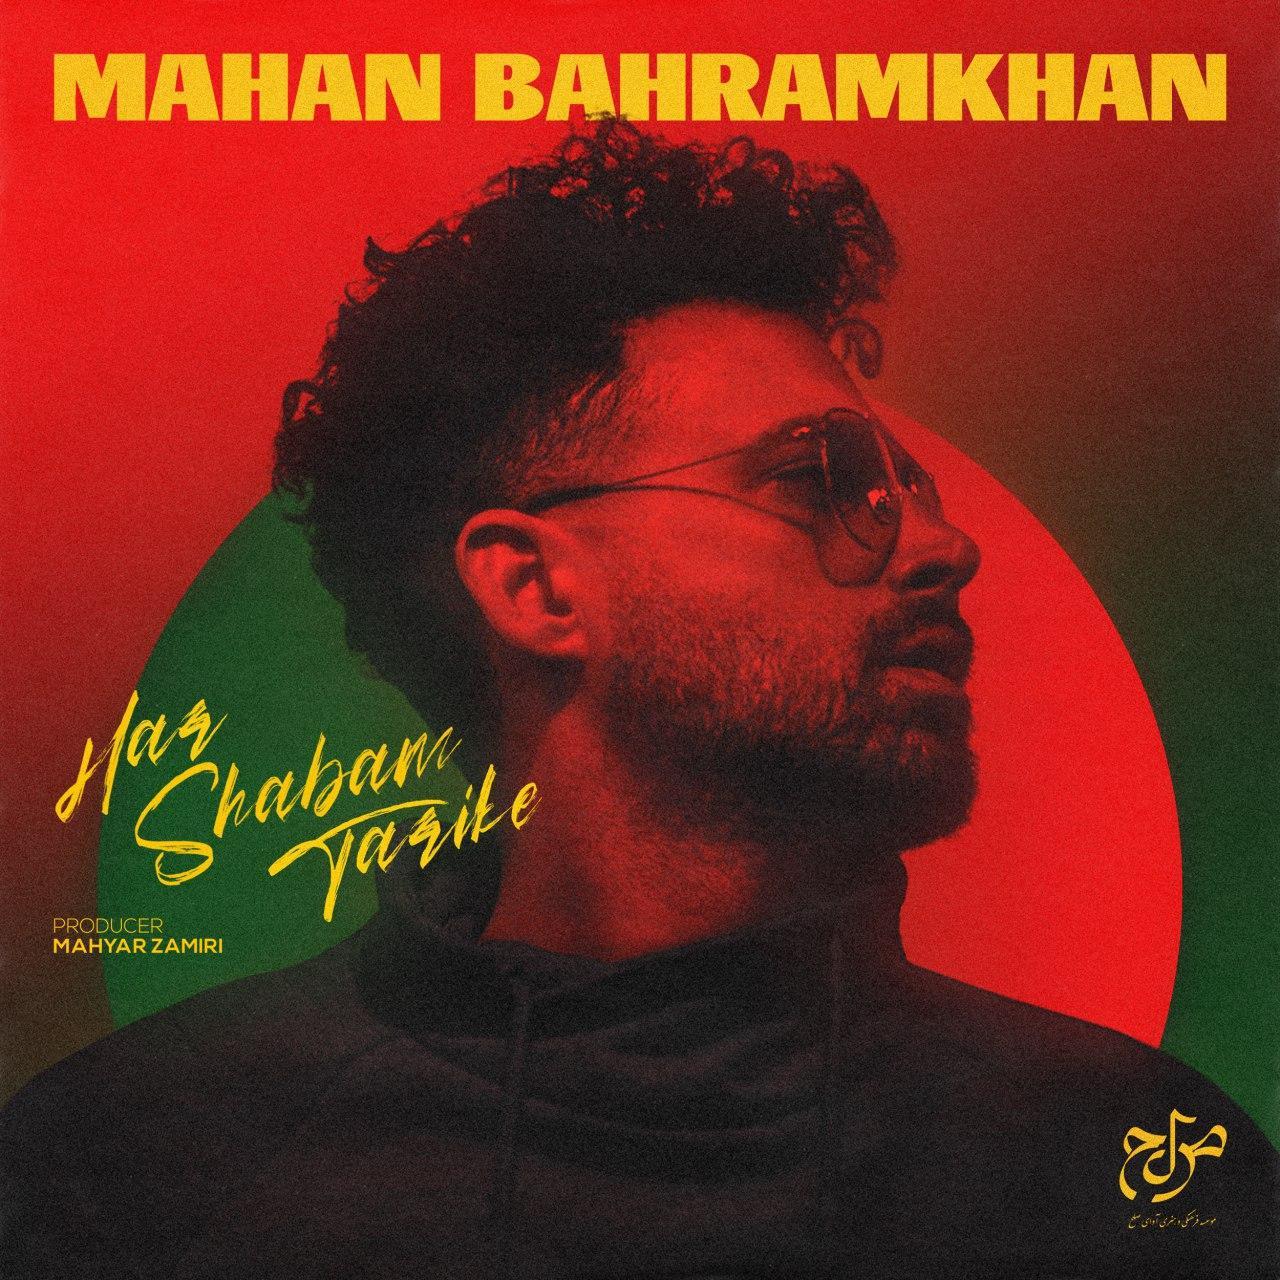 Mahan Bahramkhan – Har Shabam Tarike